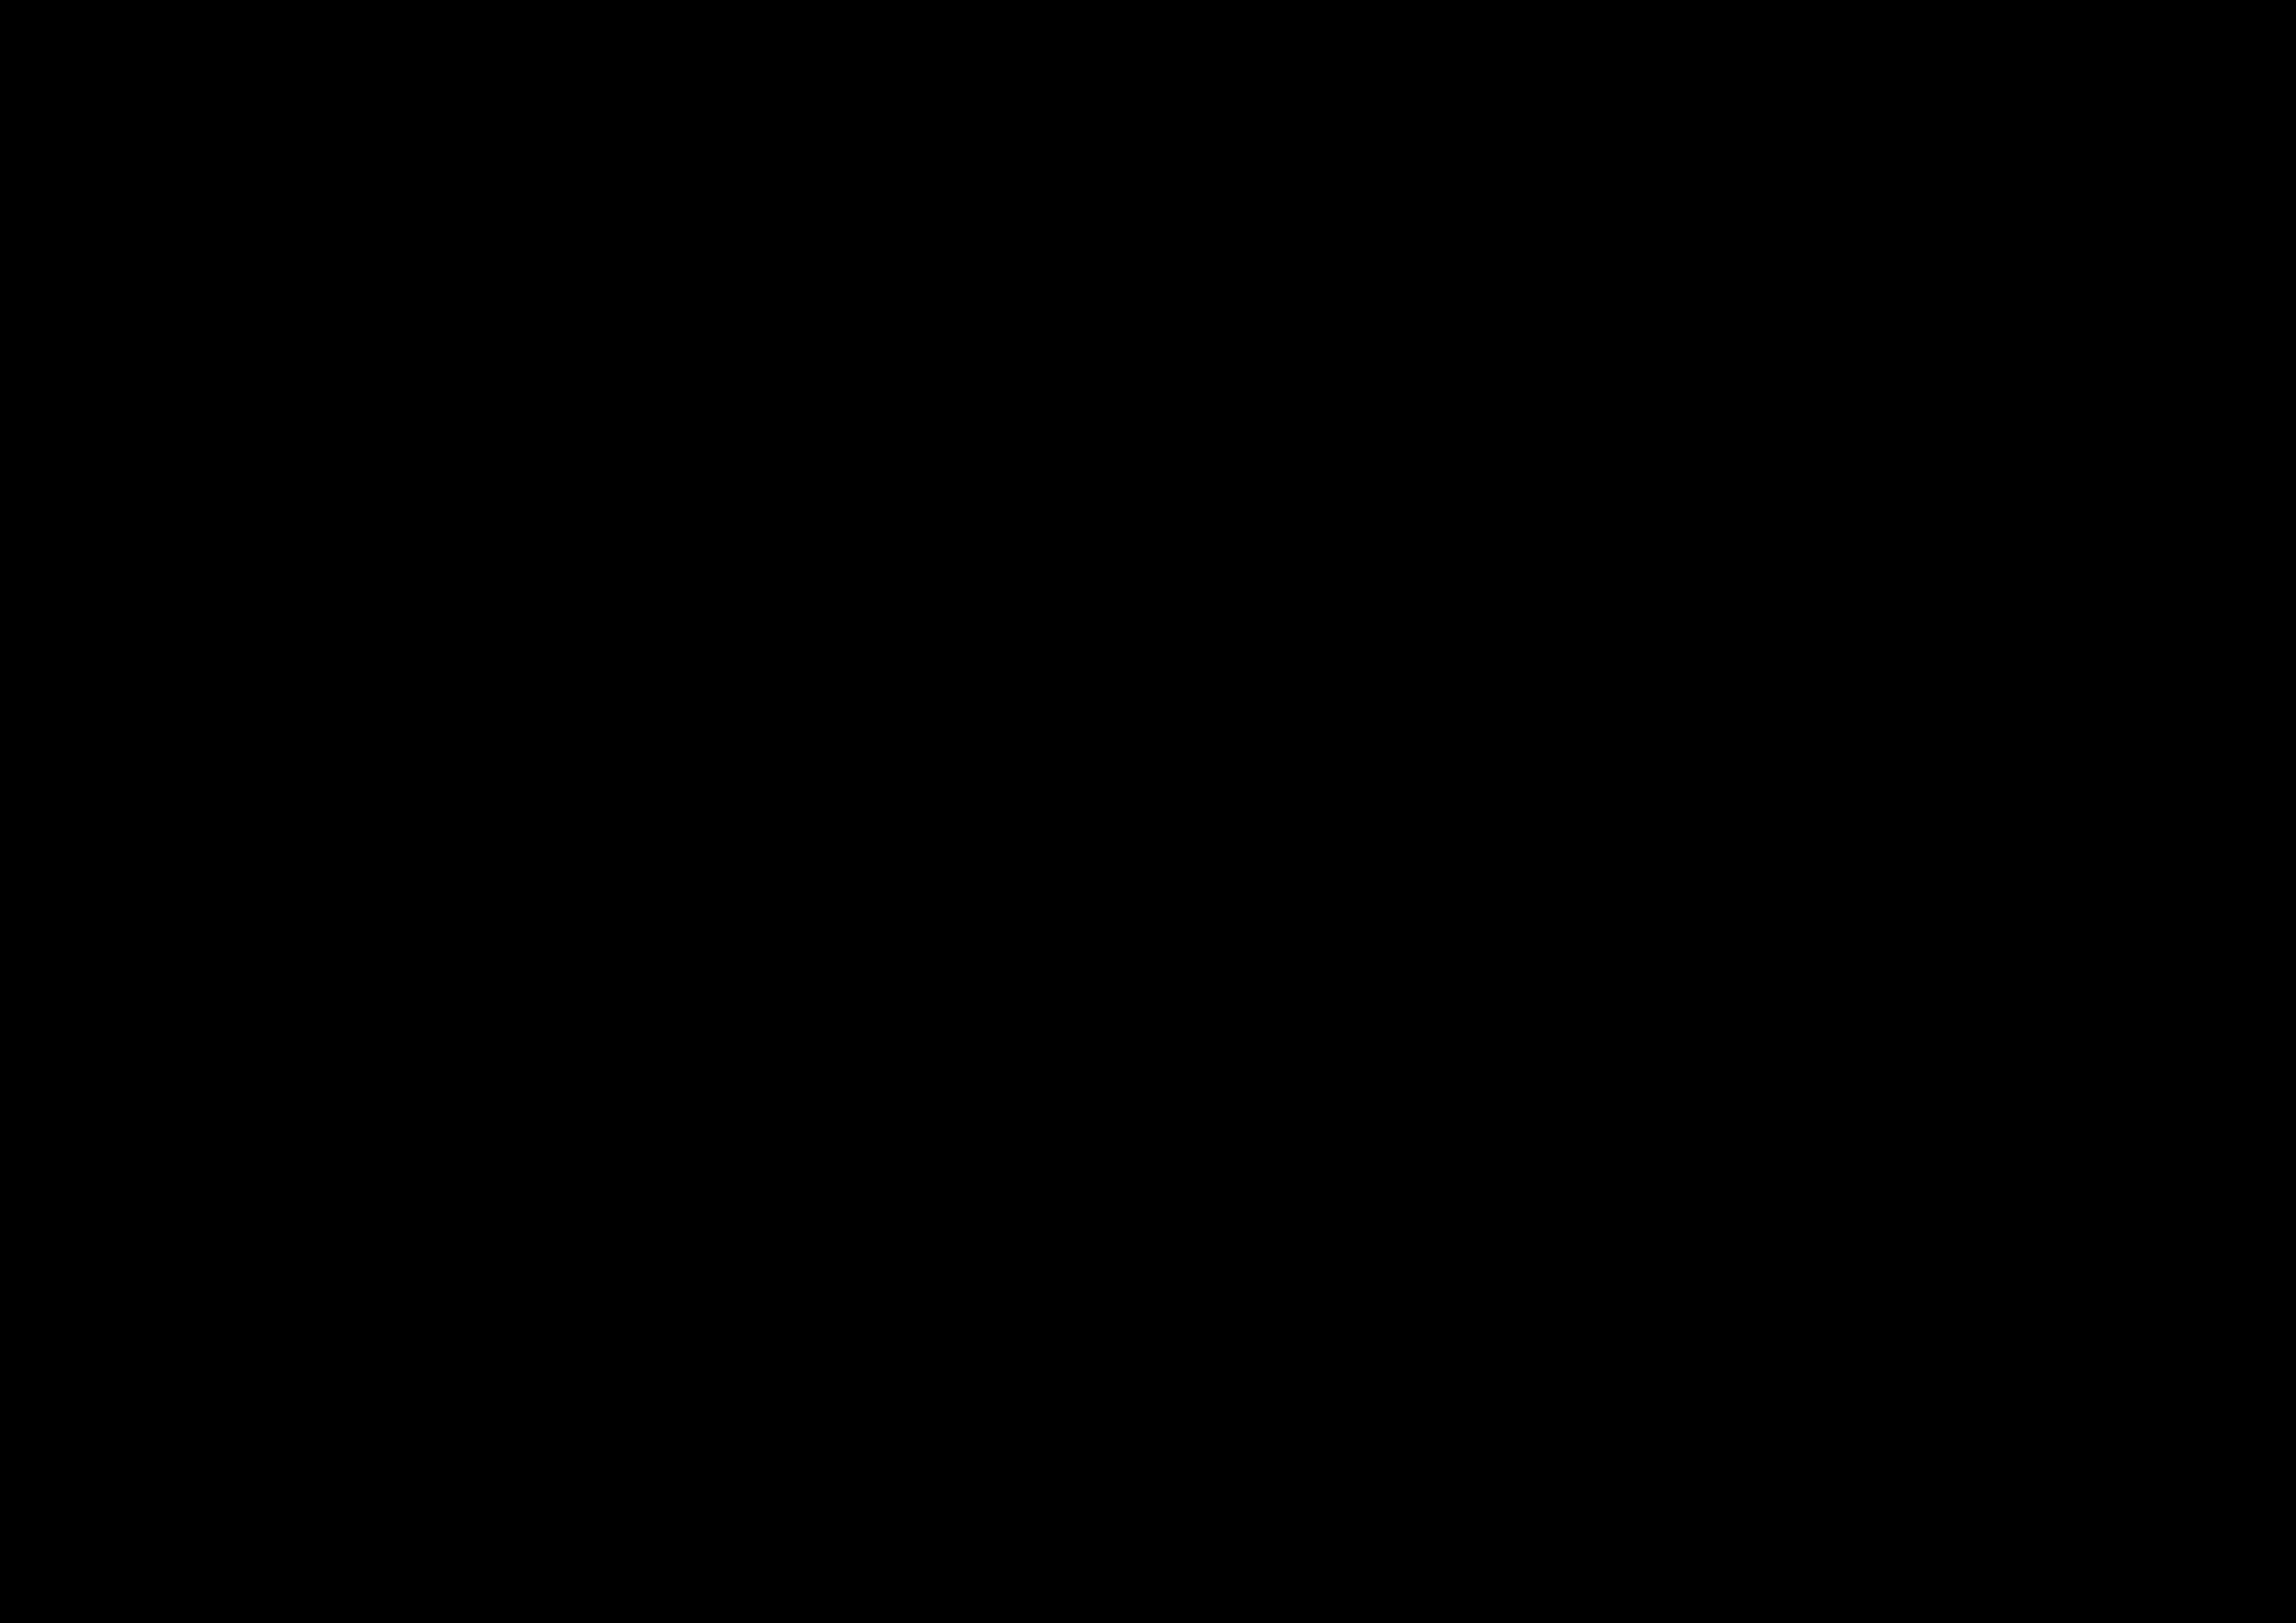 dt_logo_short_version-web.png